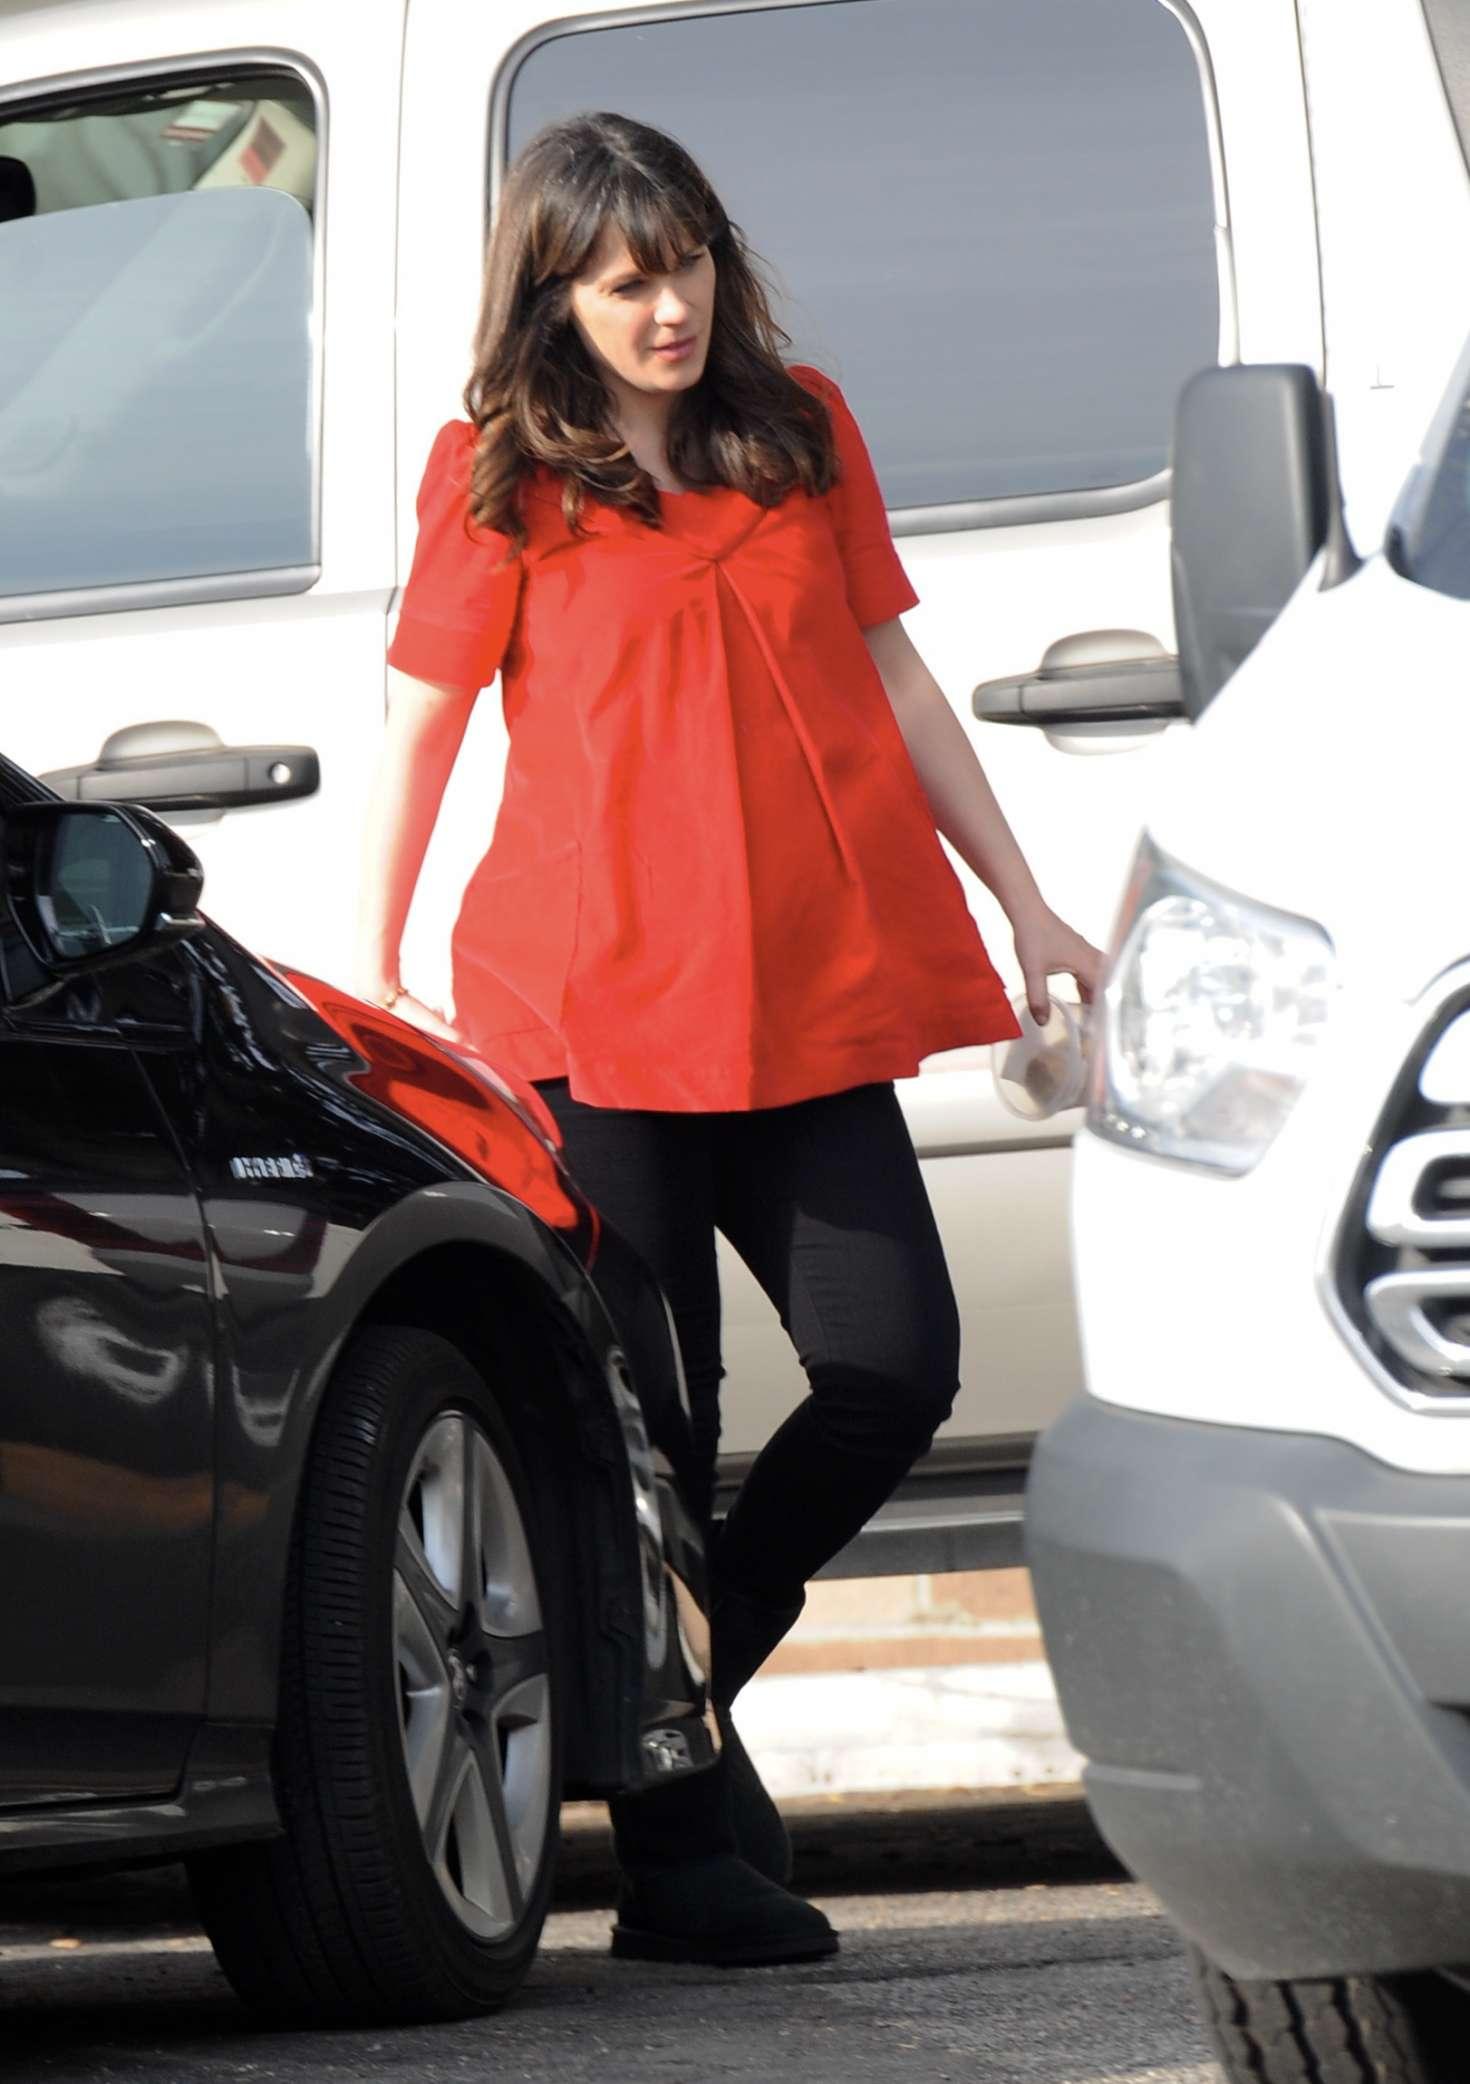 Zooey Deschanel Corset Dress - Zooey Deschanel Looks